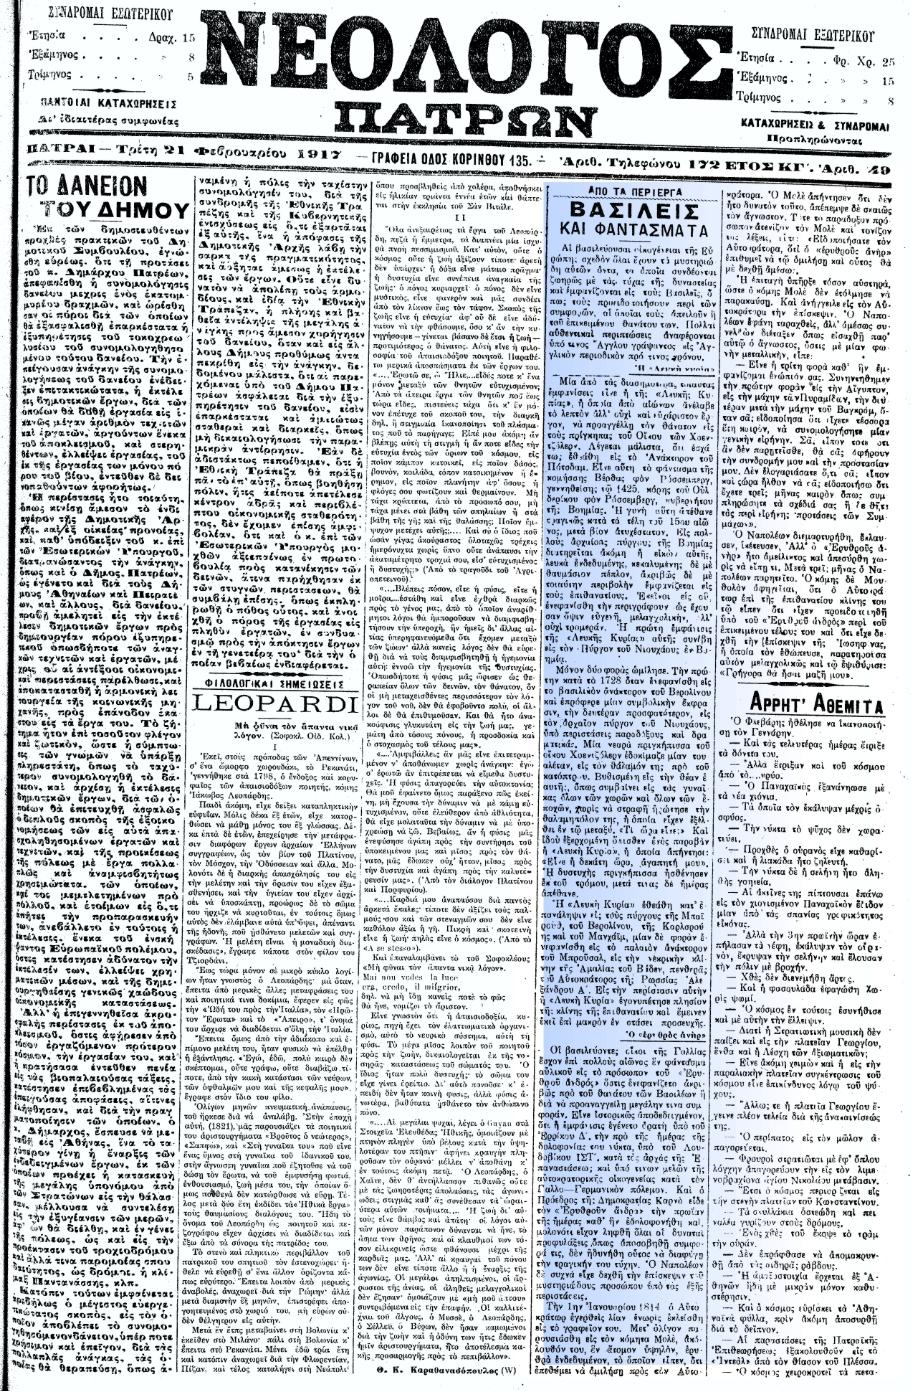 """Το άρθρο, όπως δημοσιεύθηκε στην εφημερίδα """"ΝΕΟΛΟΓΟΣ ΠΑΤΡΩΝ"""", στις 21/02/1917"""